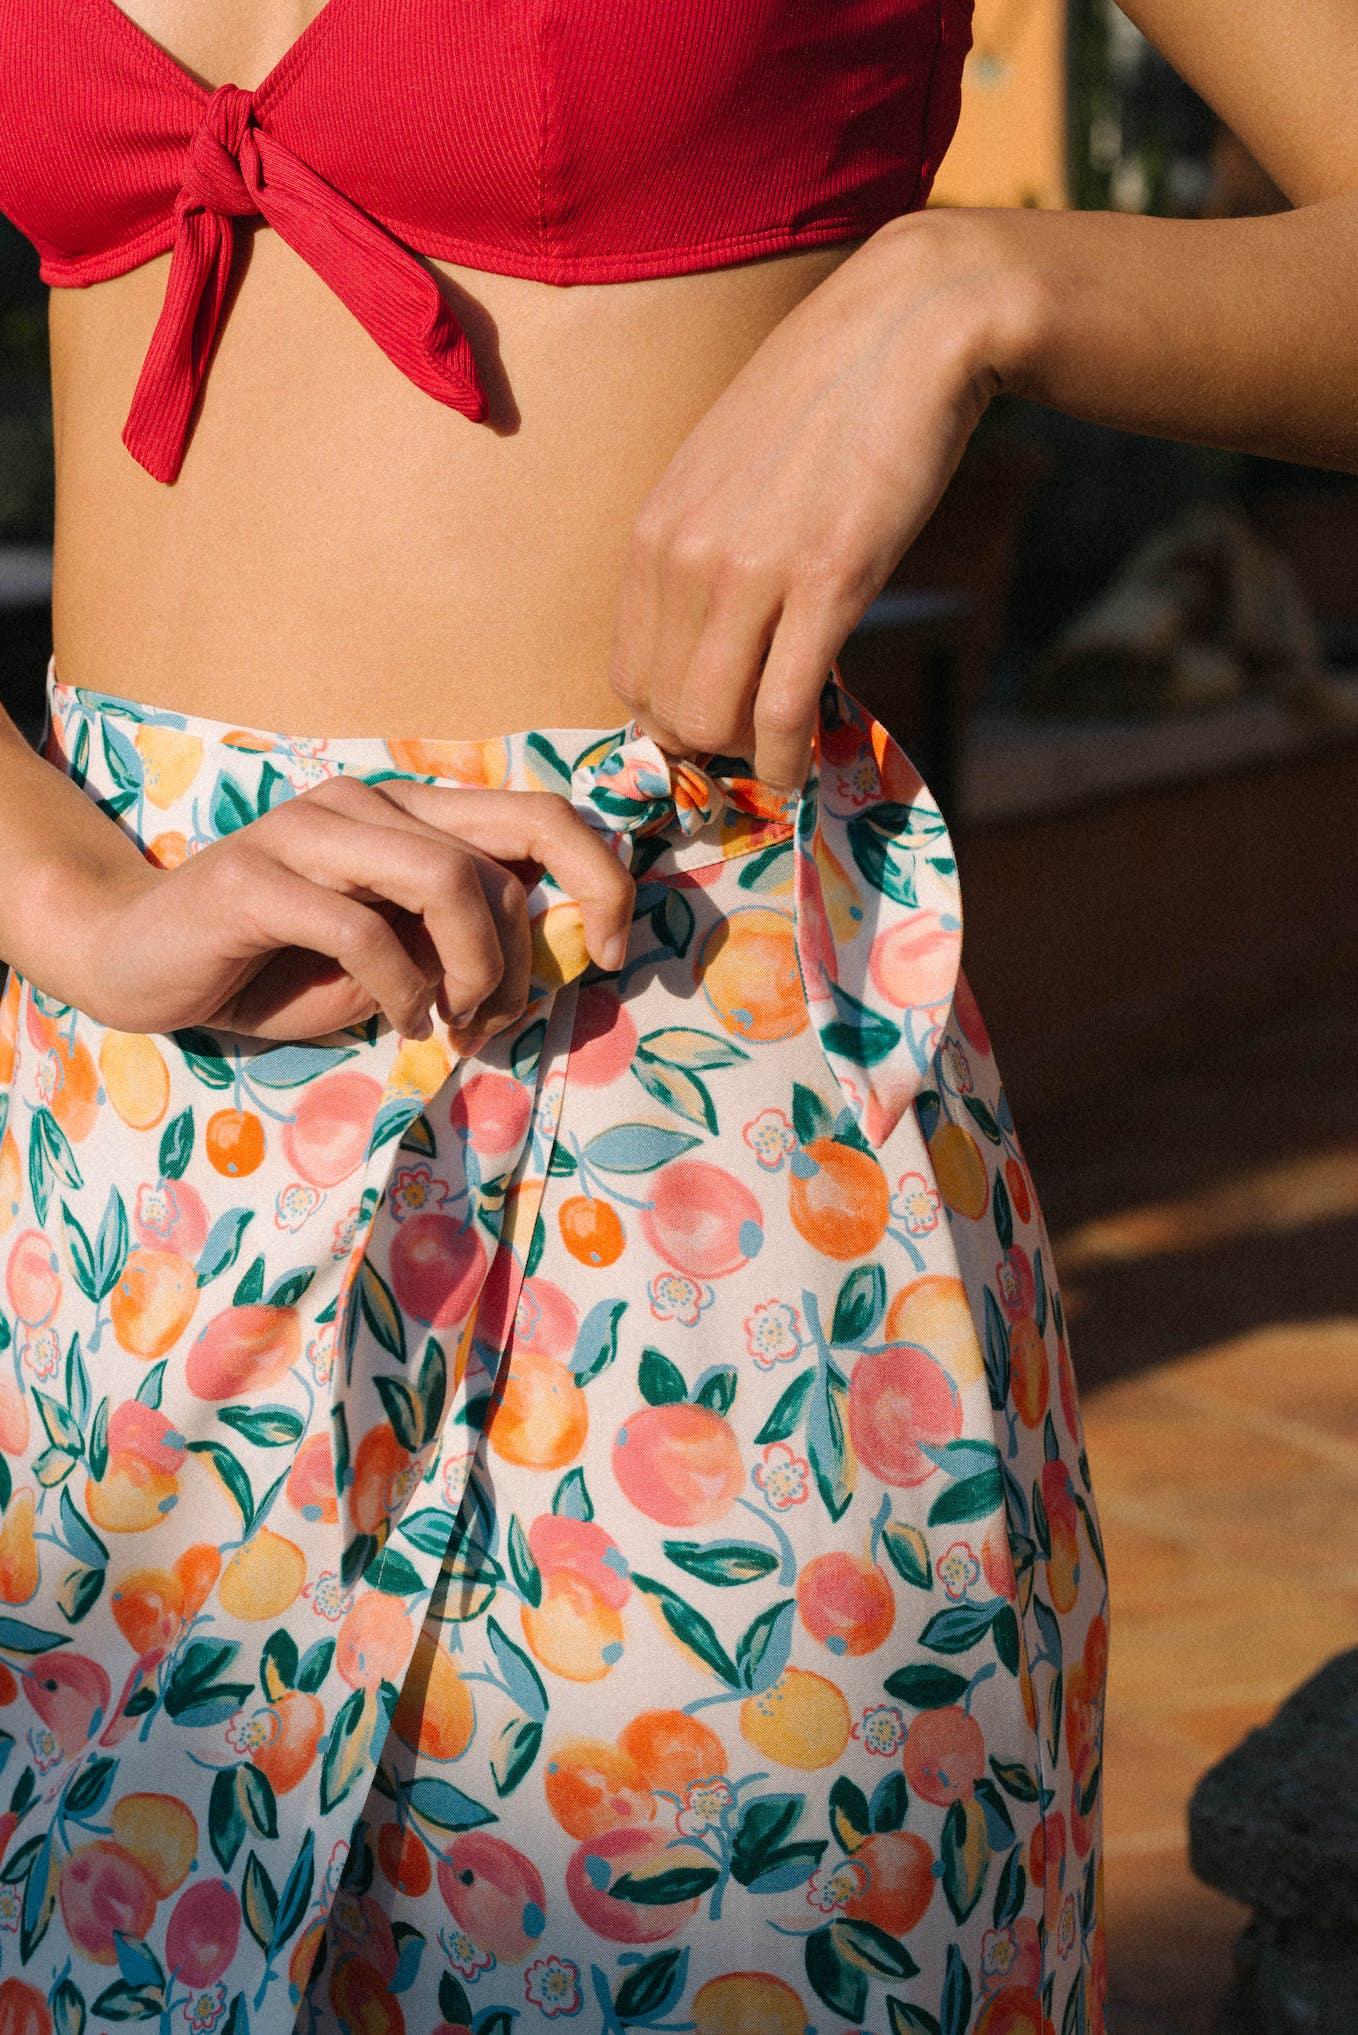 Bikini Murmures des vagues in strawberry